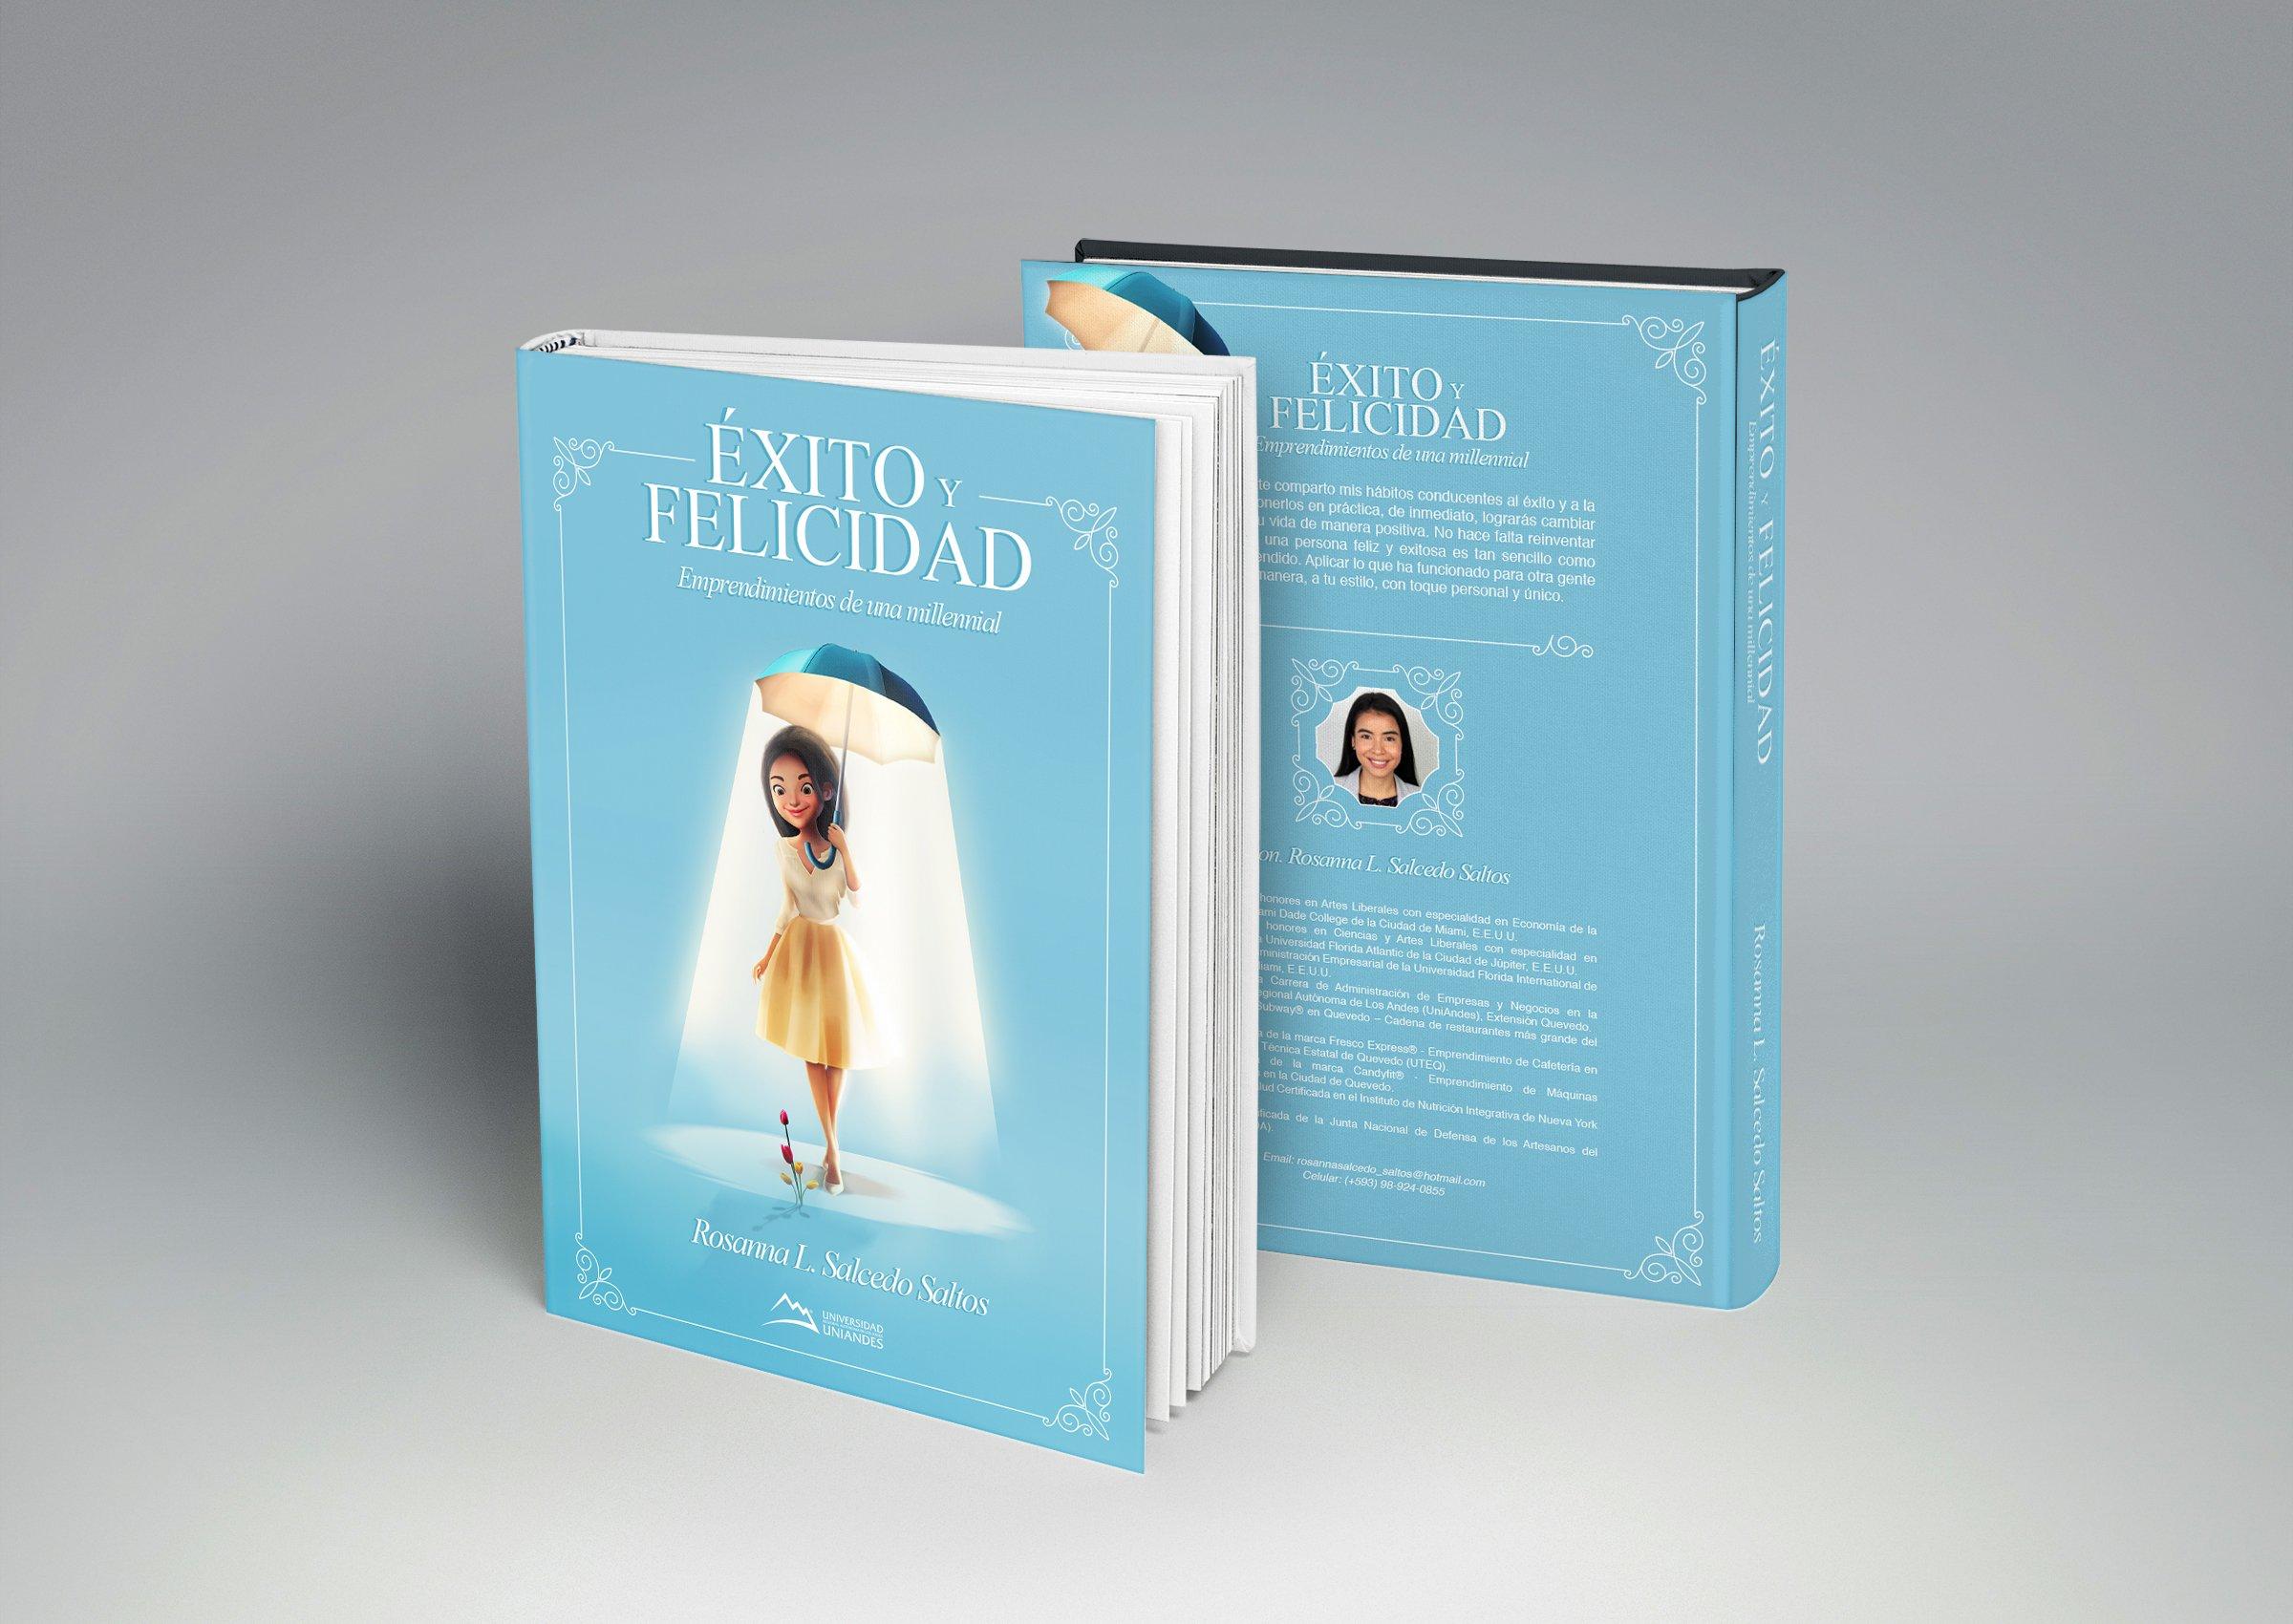 Éxito y felicidad: emprendimientos de una millennial: Rosanna Lorena Salcedo Saltos: Amazon.com: Books